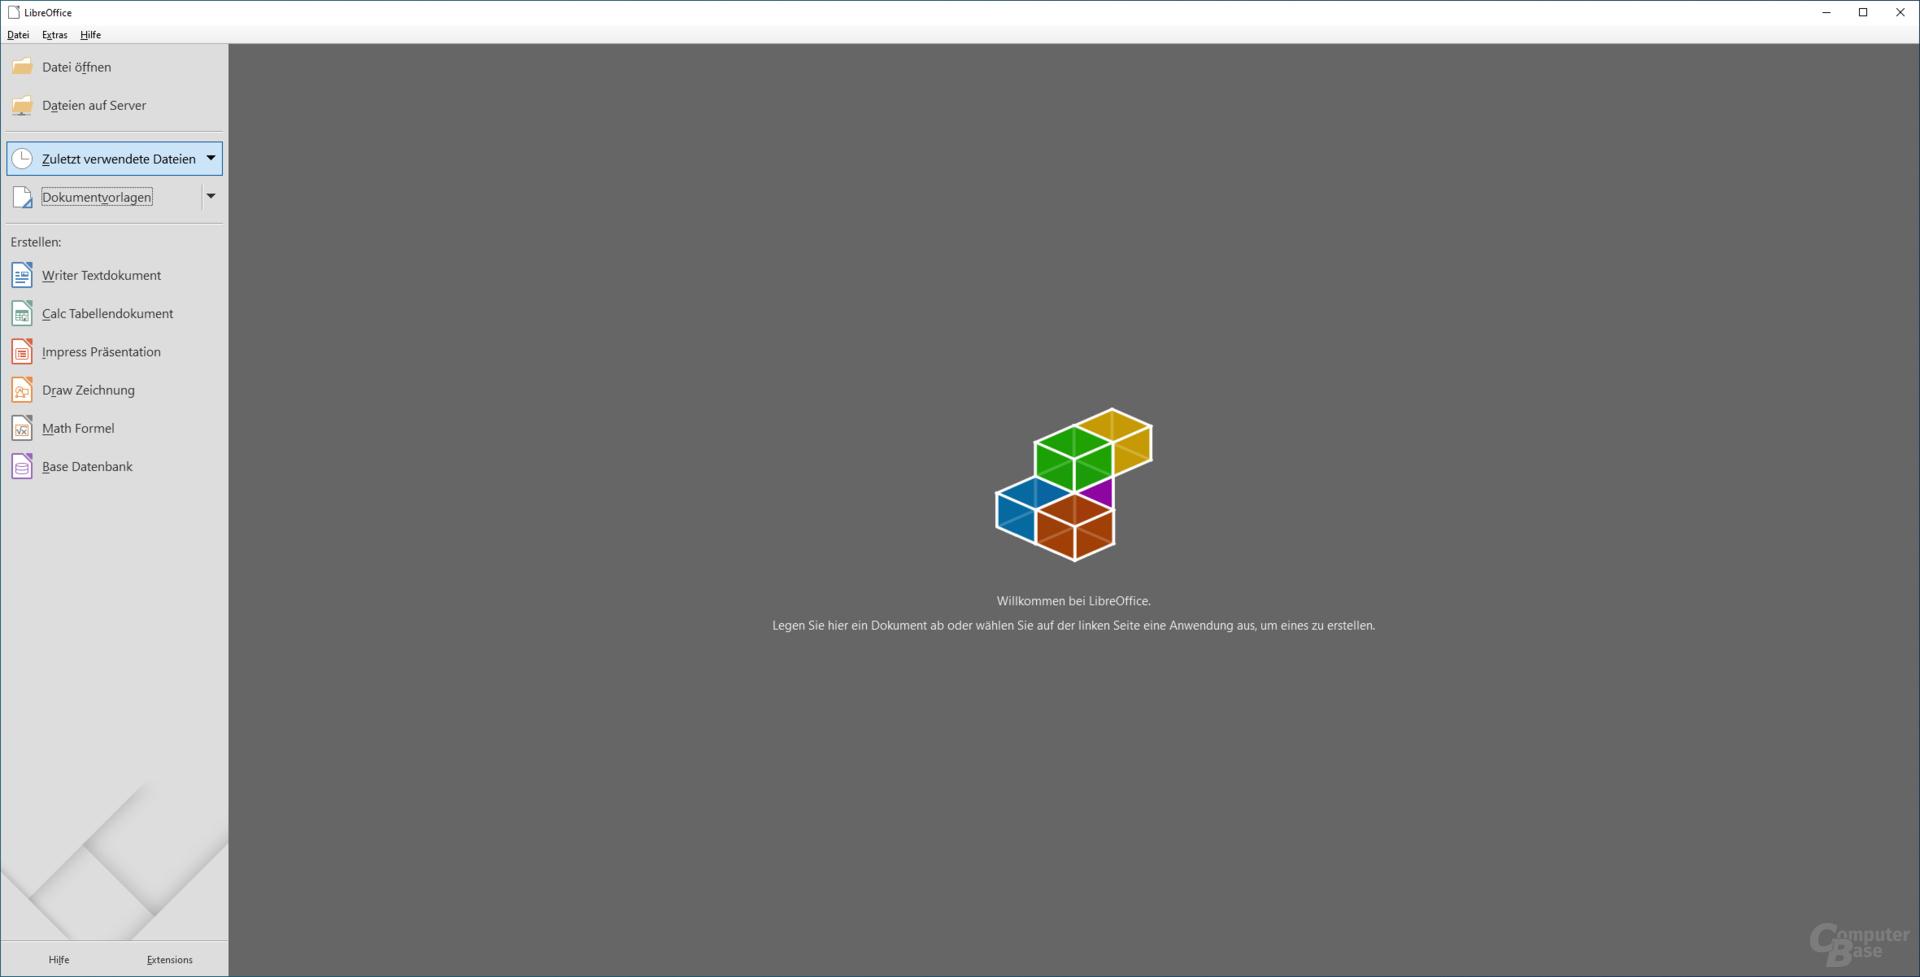 Das Startcenter von LibreOffice 6.4 mit allen Anwendungen der freien Office-Suite